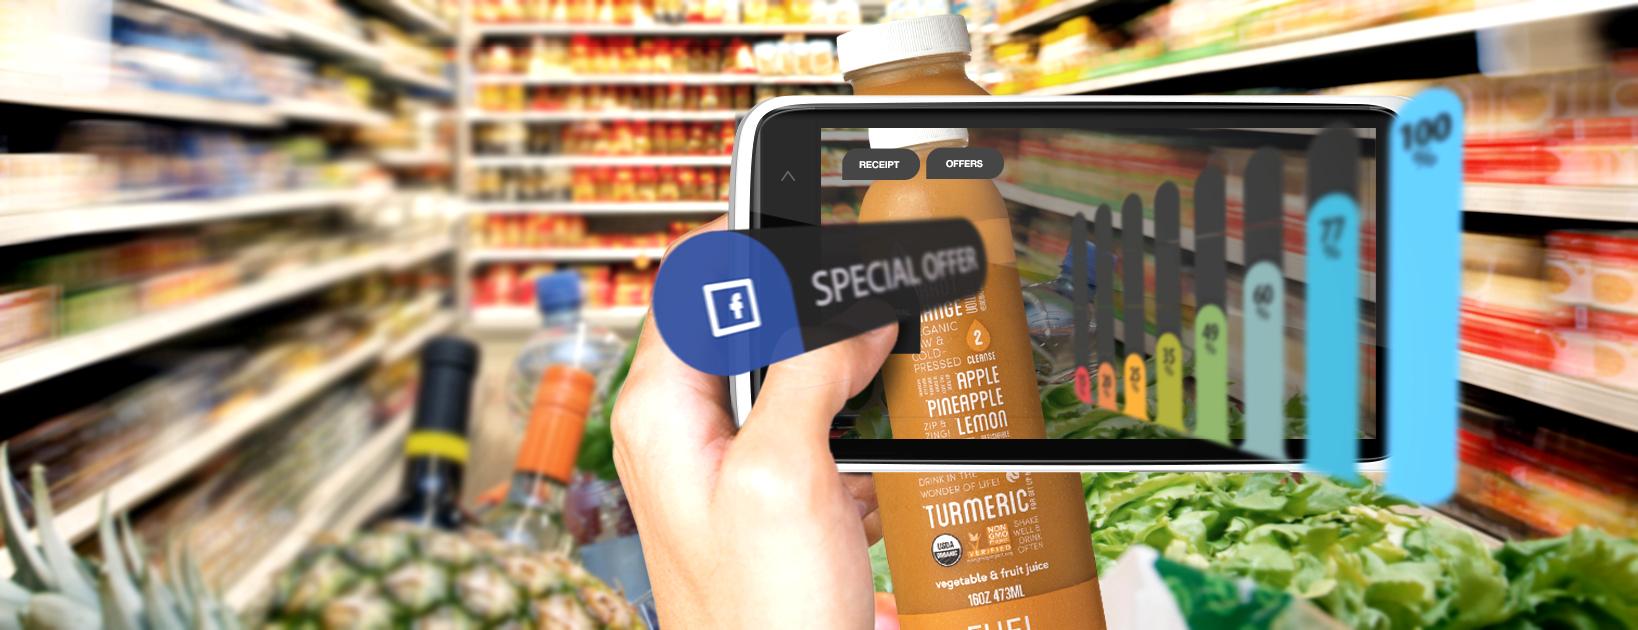 Realidad aumentada: productividad empresarial e interacción con el mobile commerce